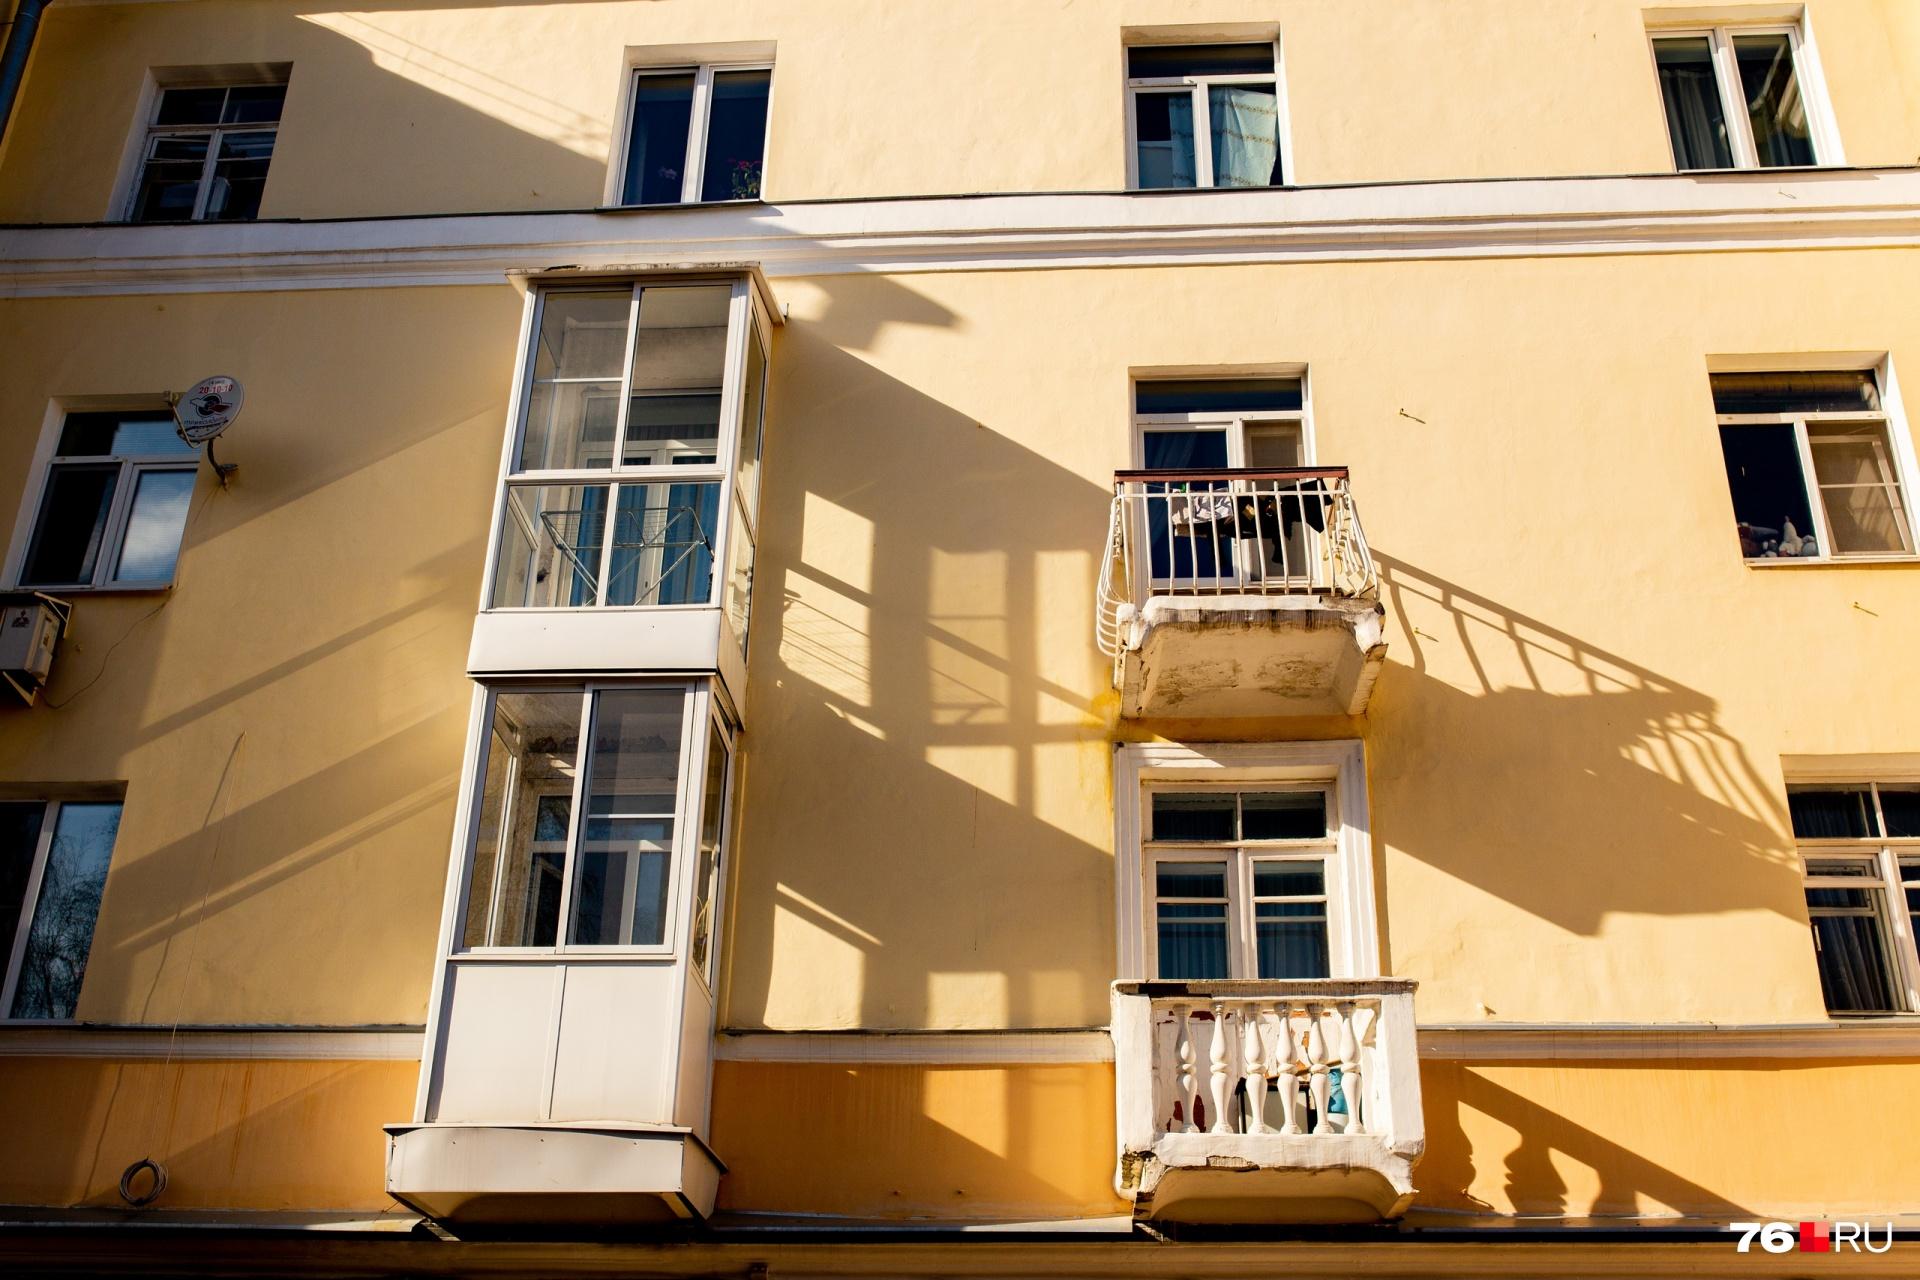 Иногда остекление балконов просто небезопасно